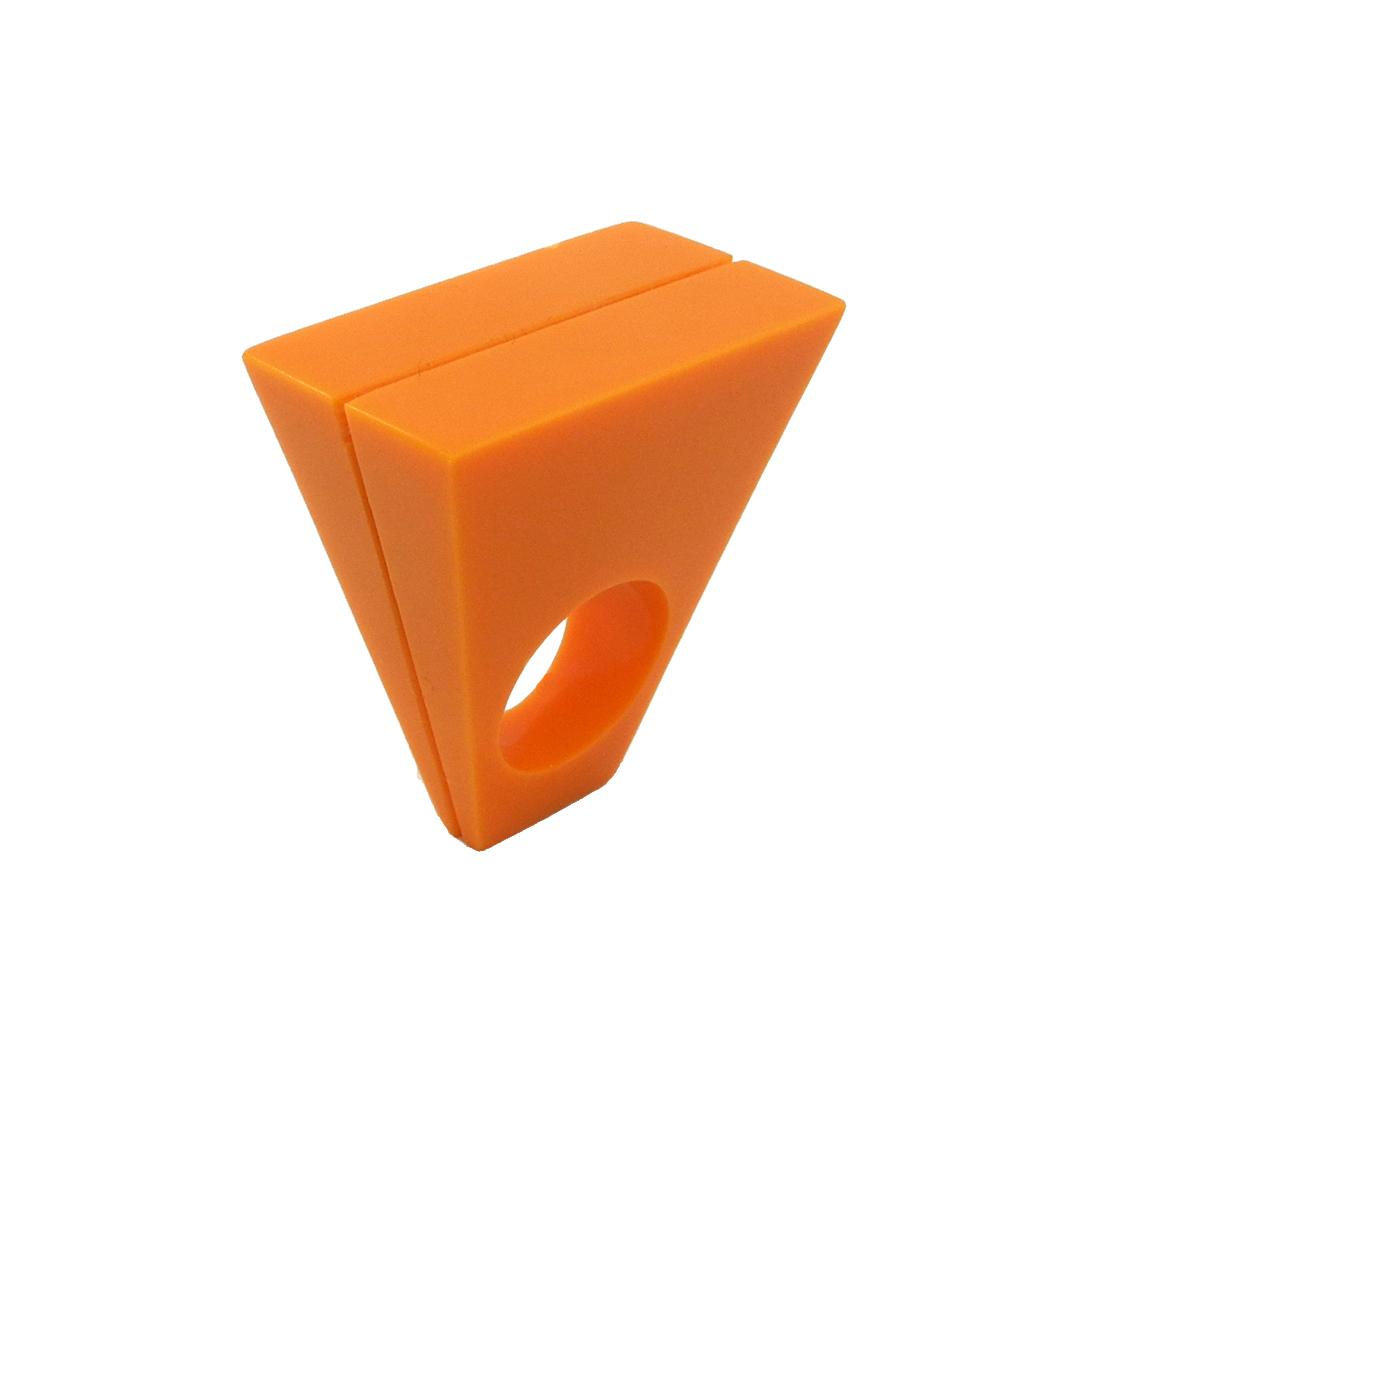 Sophie Thomas - Orange Corian Ring